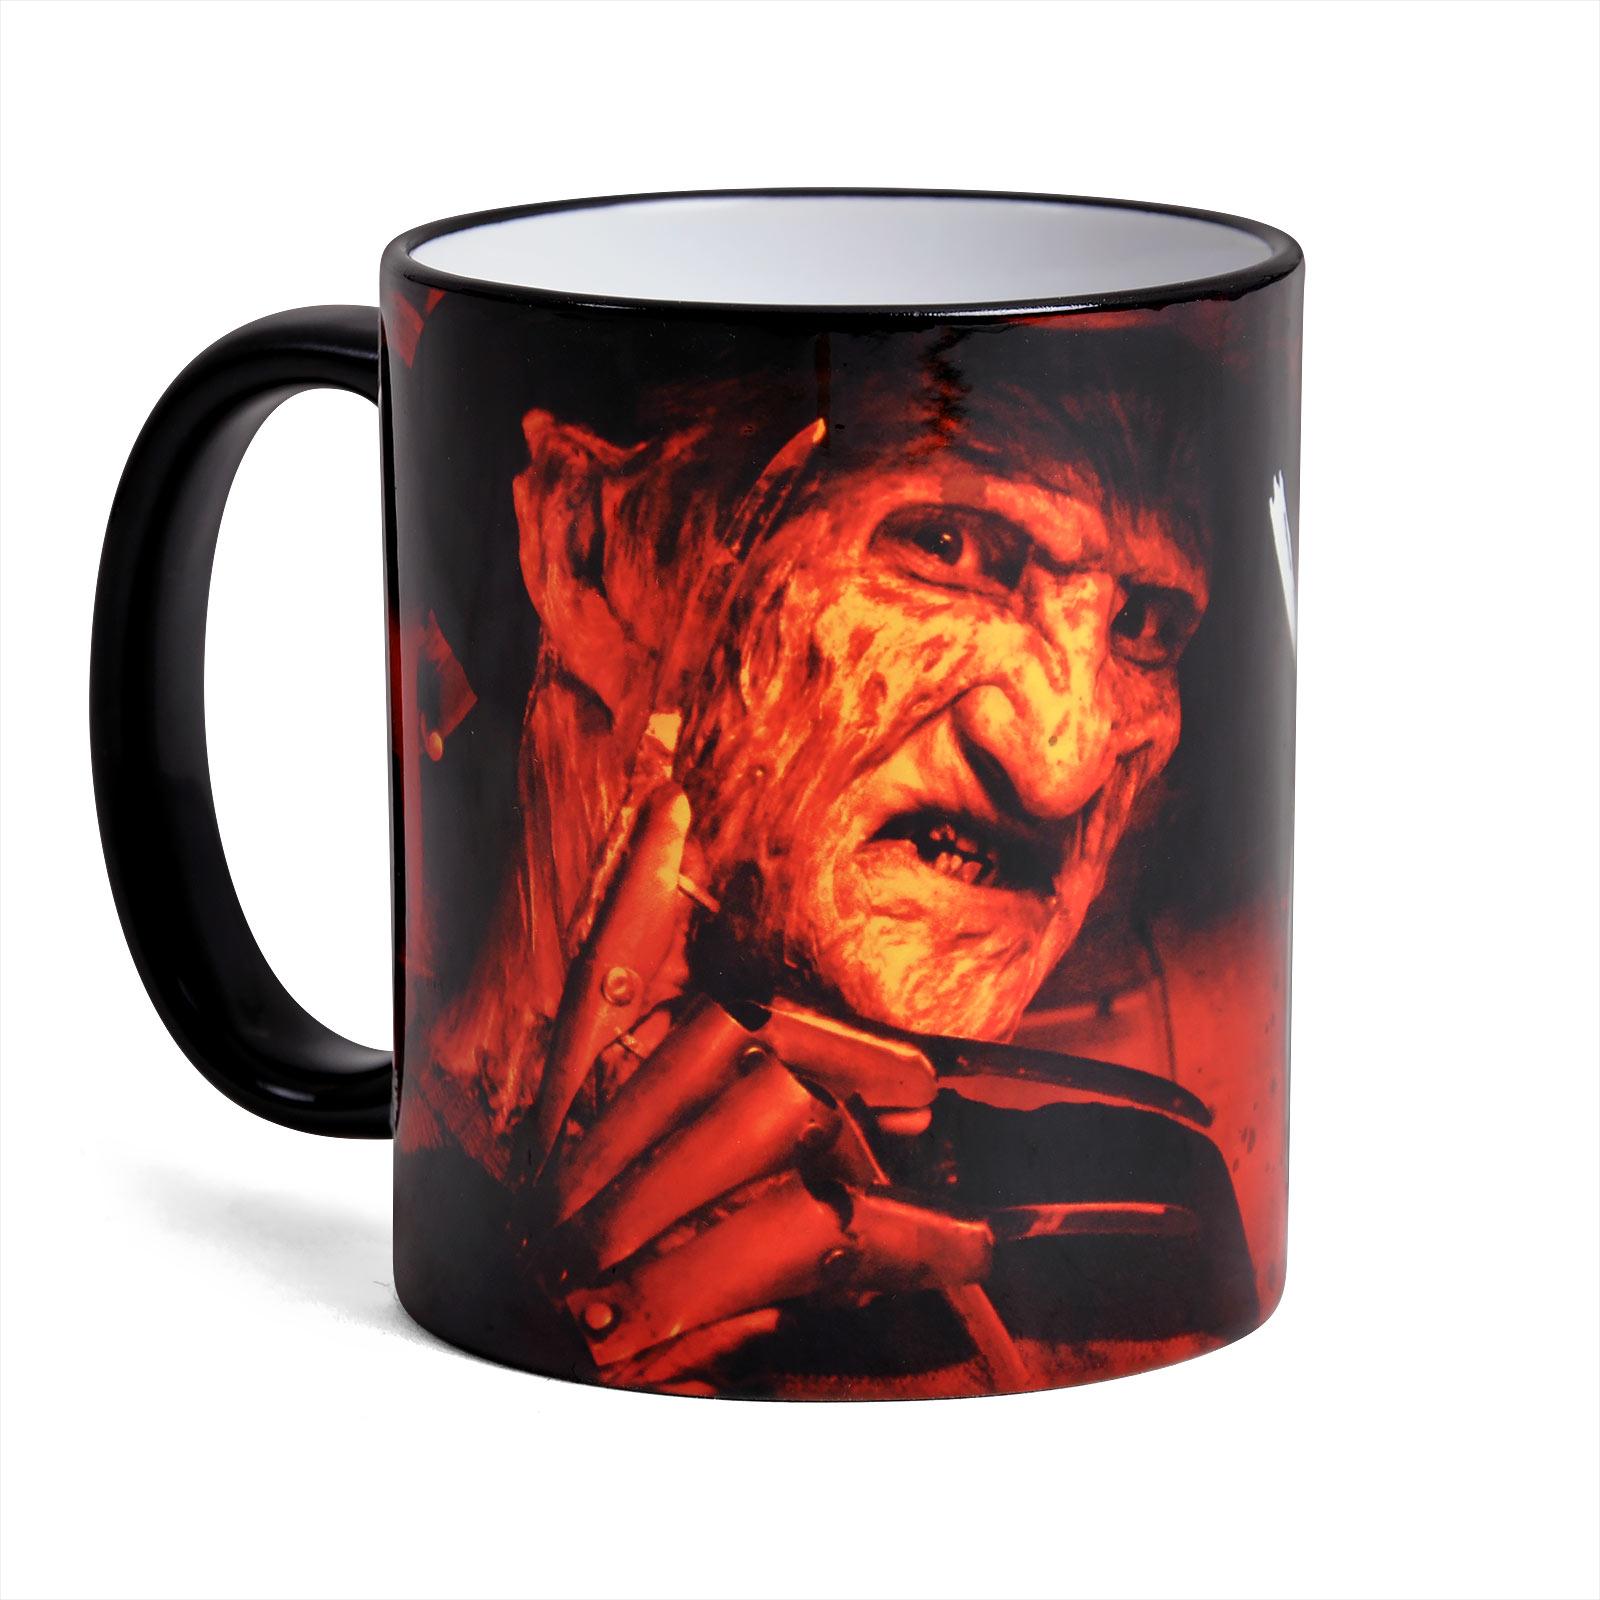 Freddy Krueger Welcome - Nightmare on Elm Street Tasse